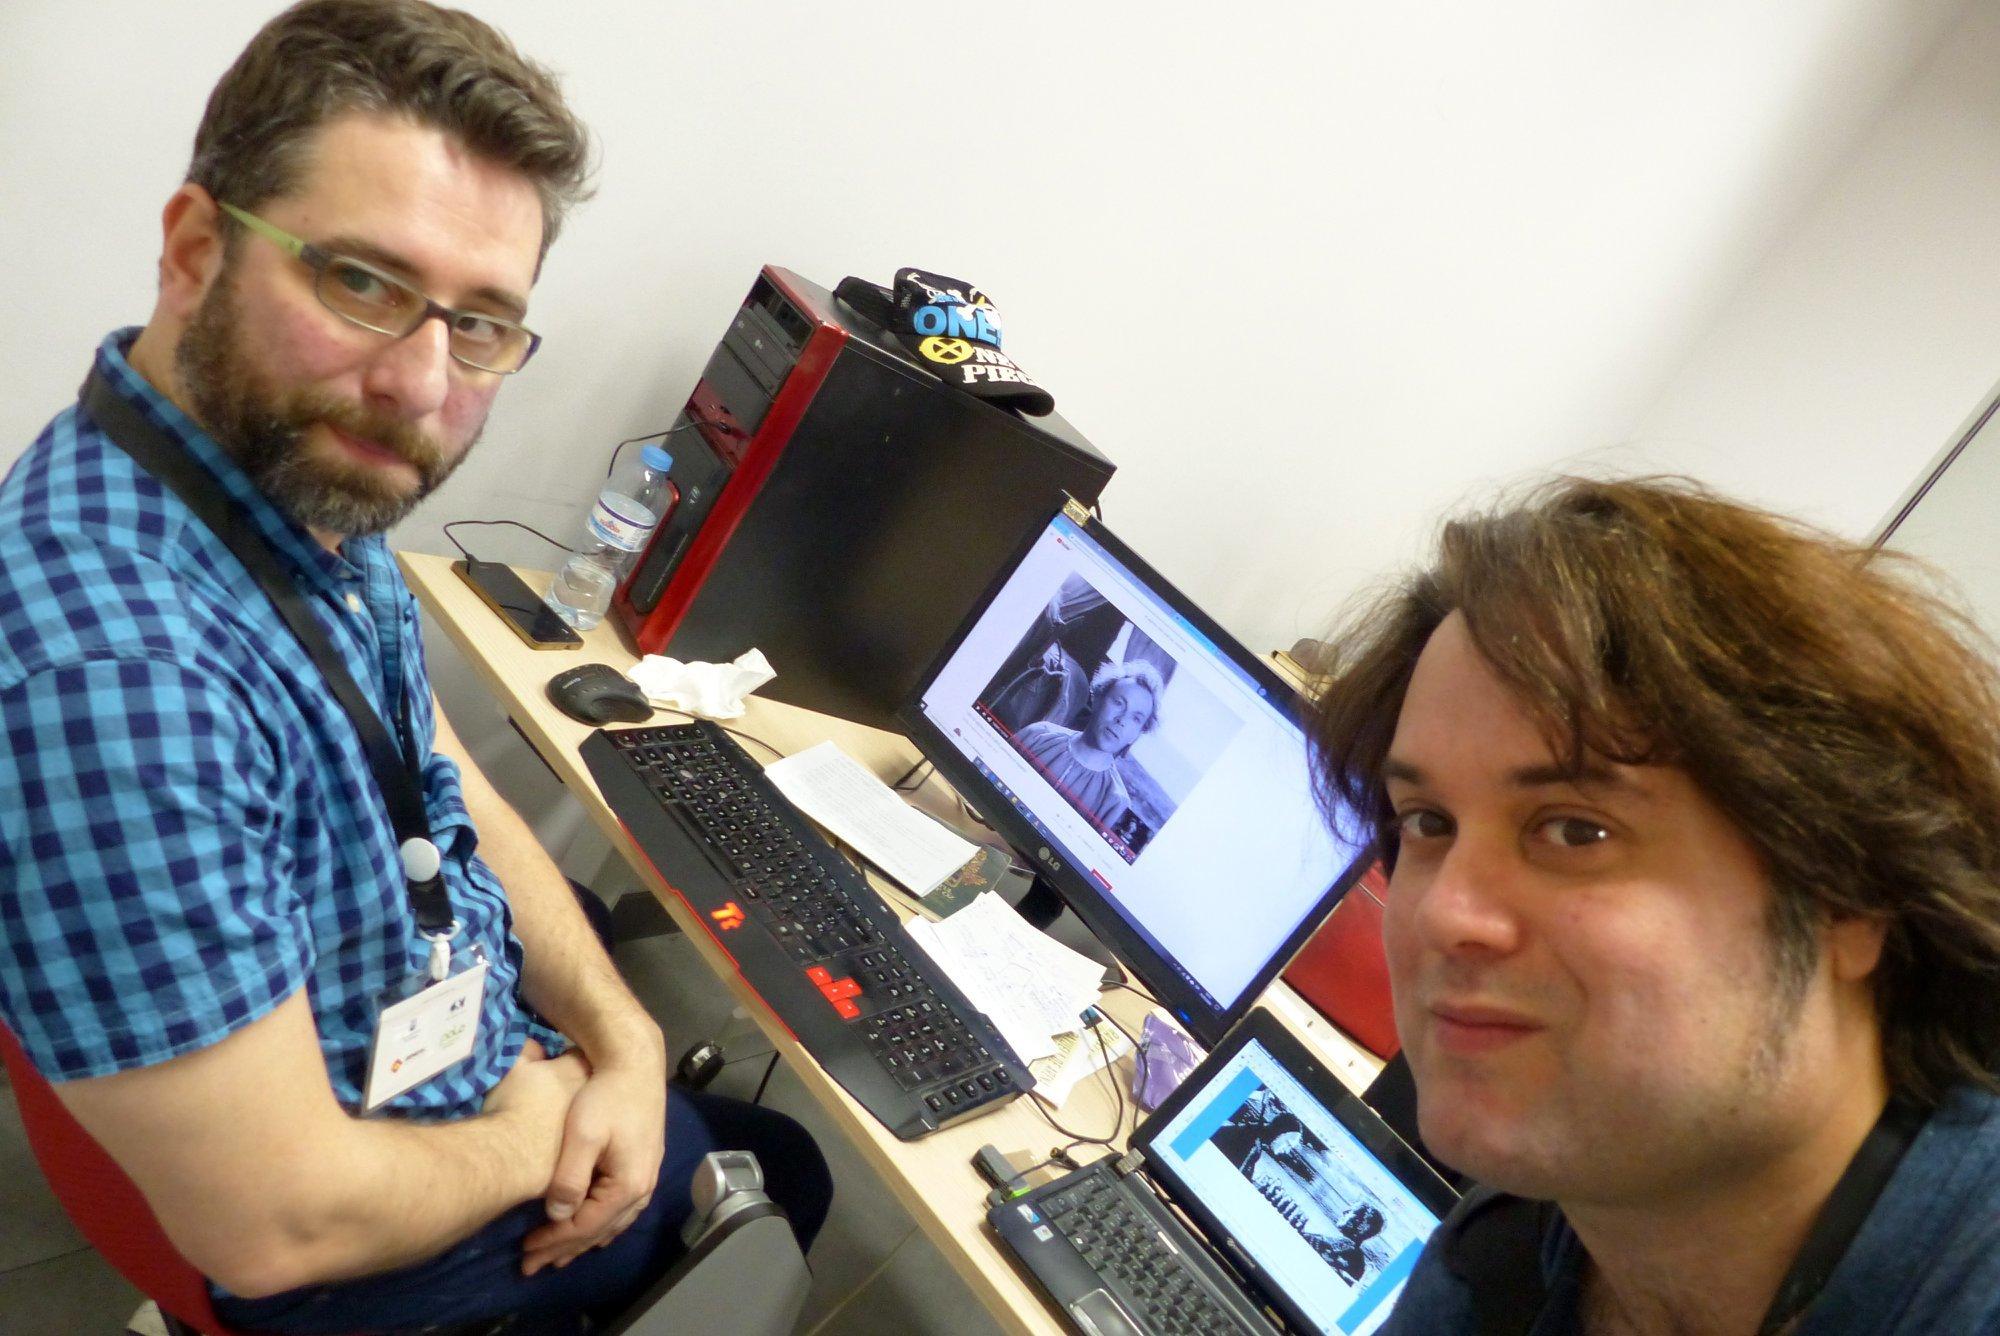 Los creadores del videojuego, Rubén y Fran.